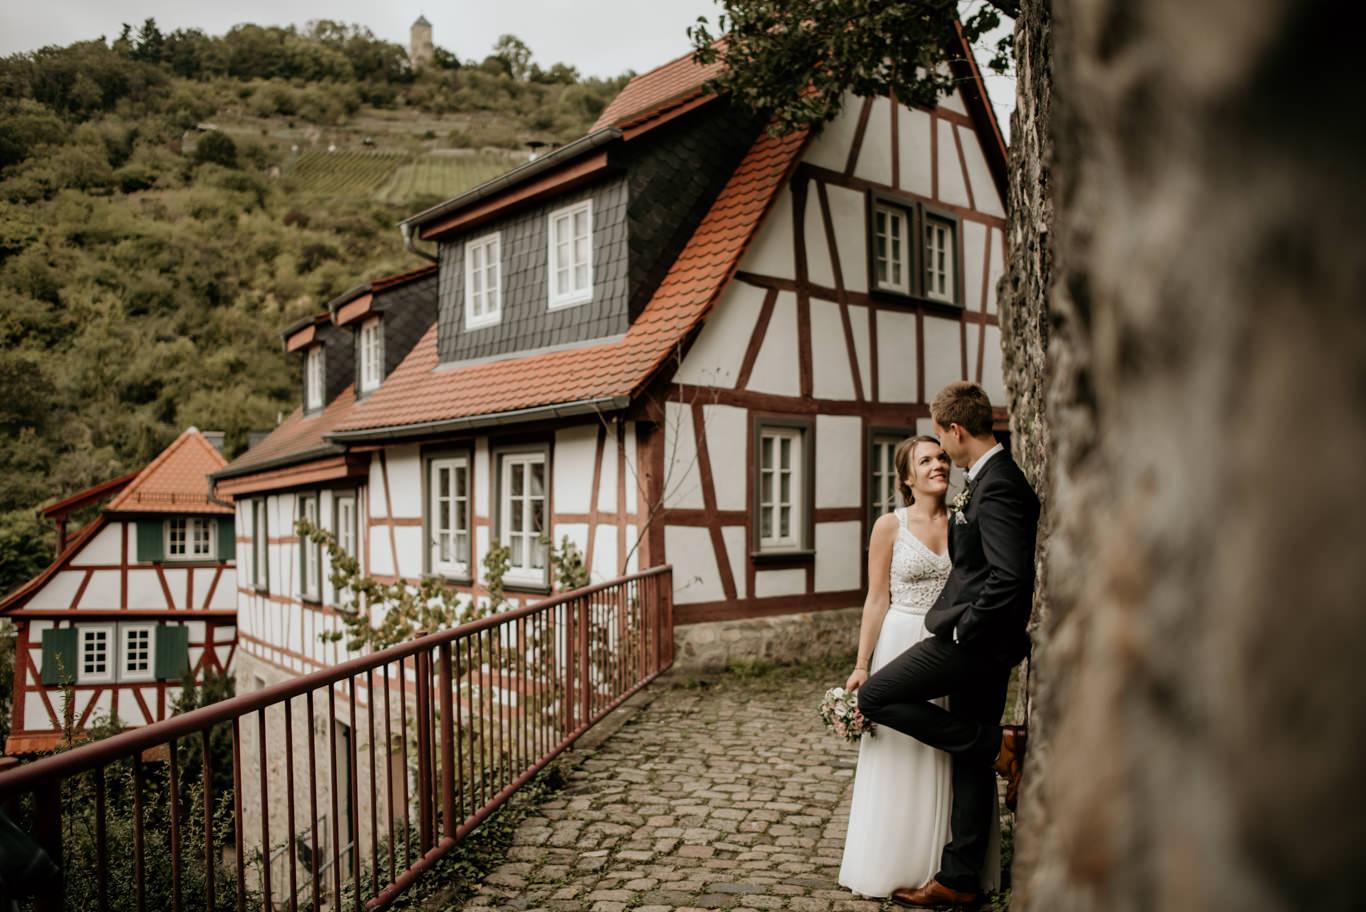 Hochzeit Heppenheim Fotograf Hochzeitsfotograf Hochzeitsbilder Fotos Rebmuttergarten Bergstraße Bensheim Mannheim